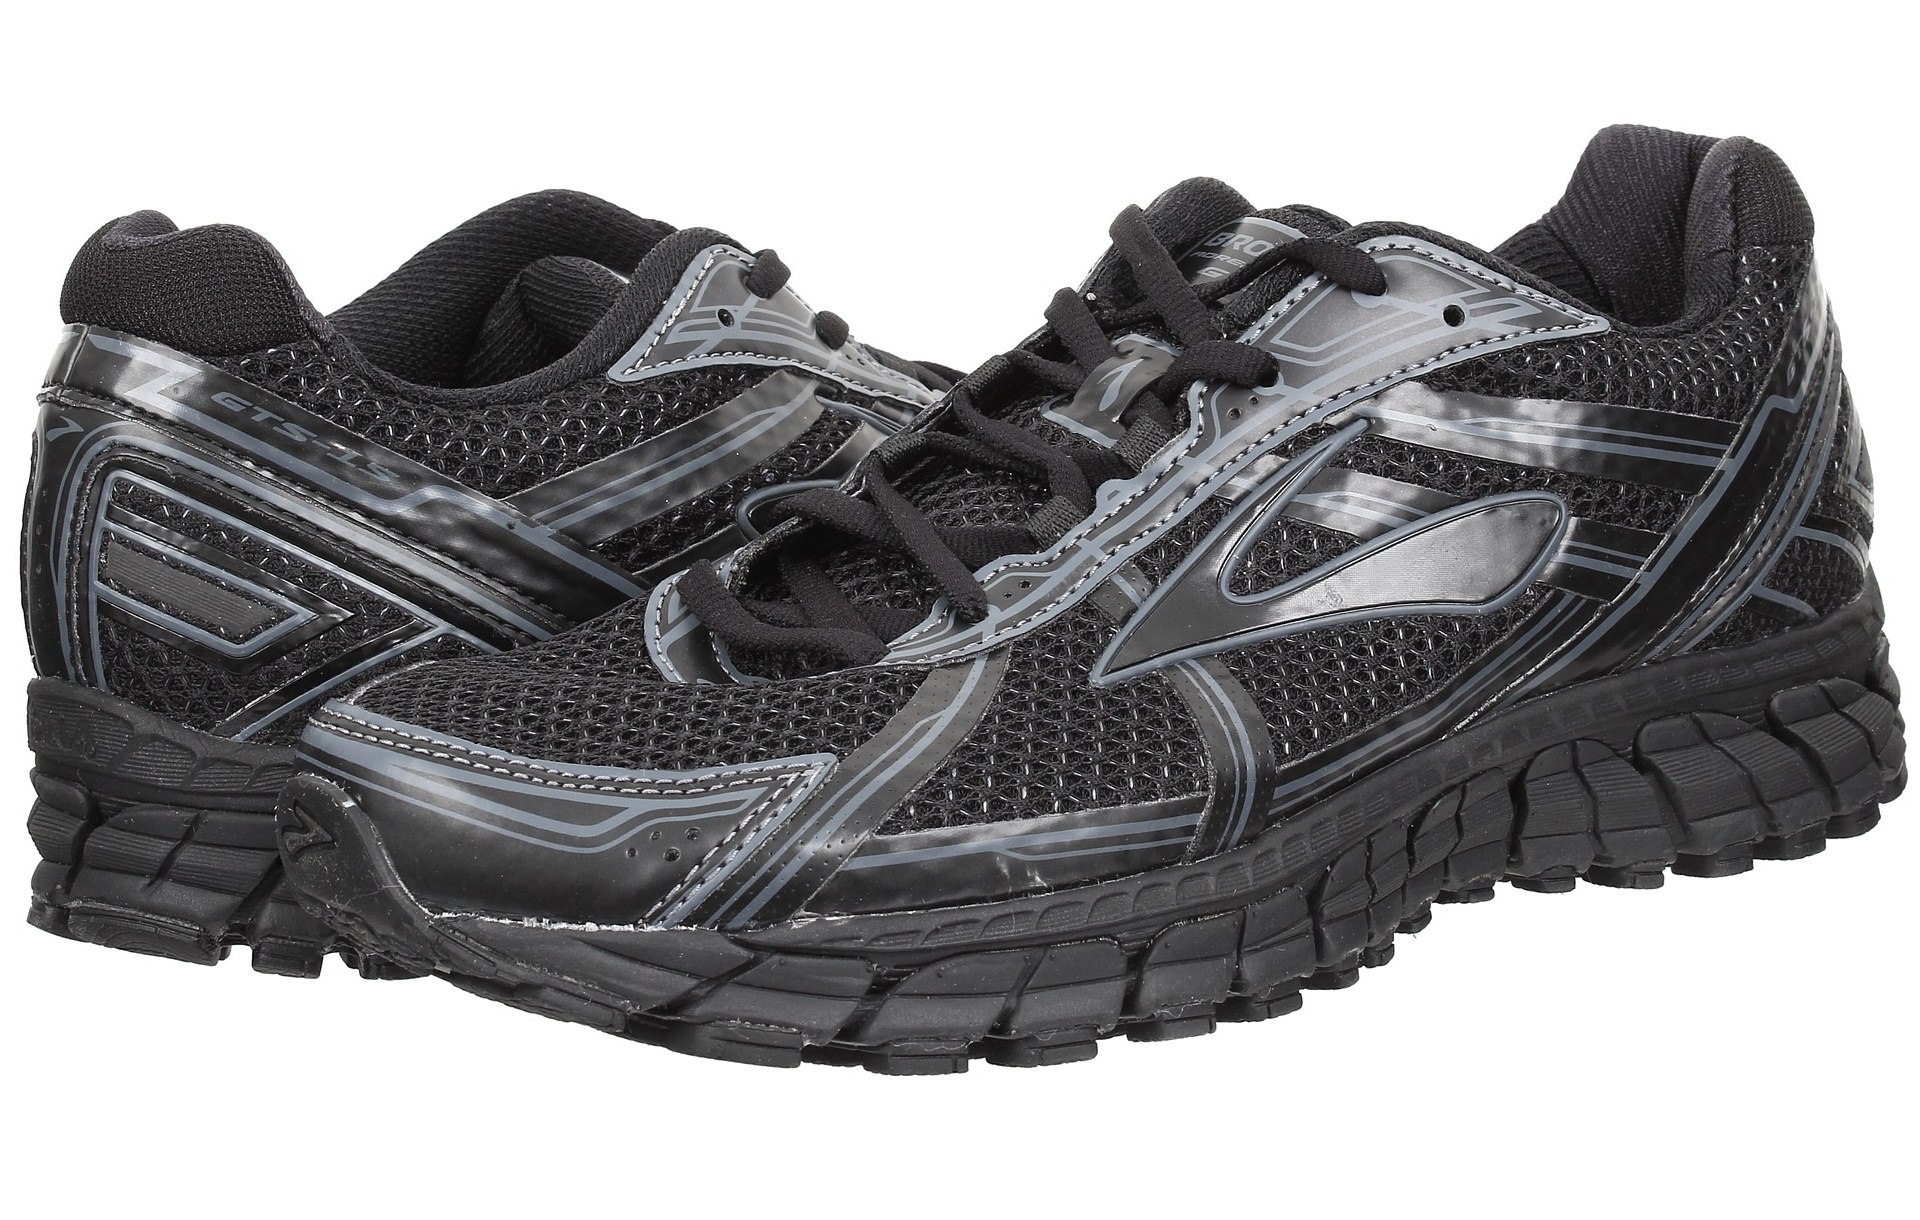 Мужская американская беговая обувь Brooks Adrenaline Gts 15 (101811D068) фото